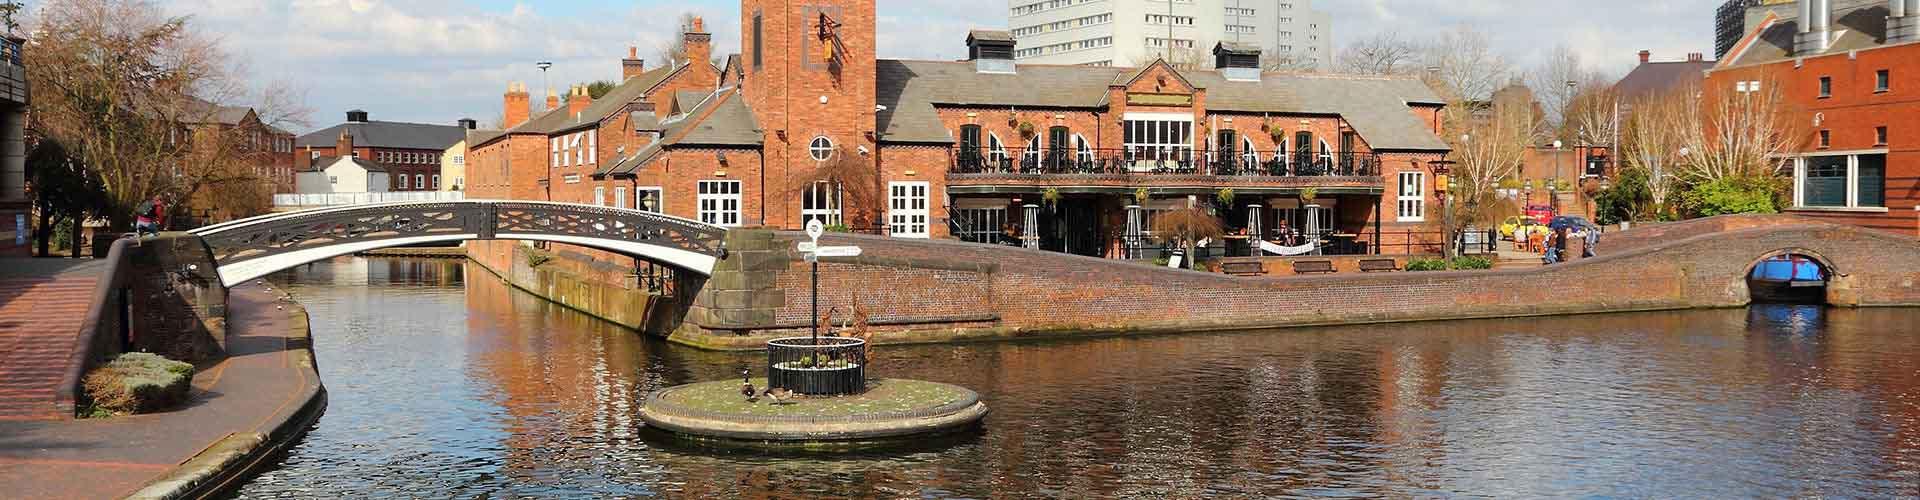 Birmingham - pokoje v Birmingham. Mapy pro Birmingham, fotky a recenze pro každý pokoj - Birmingham.